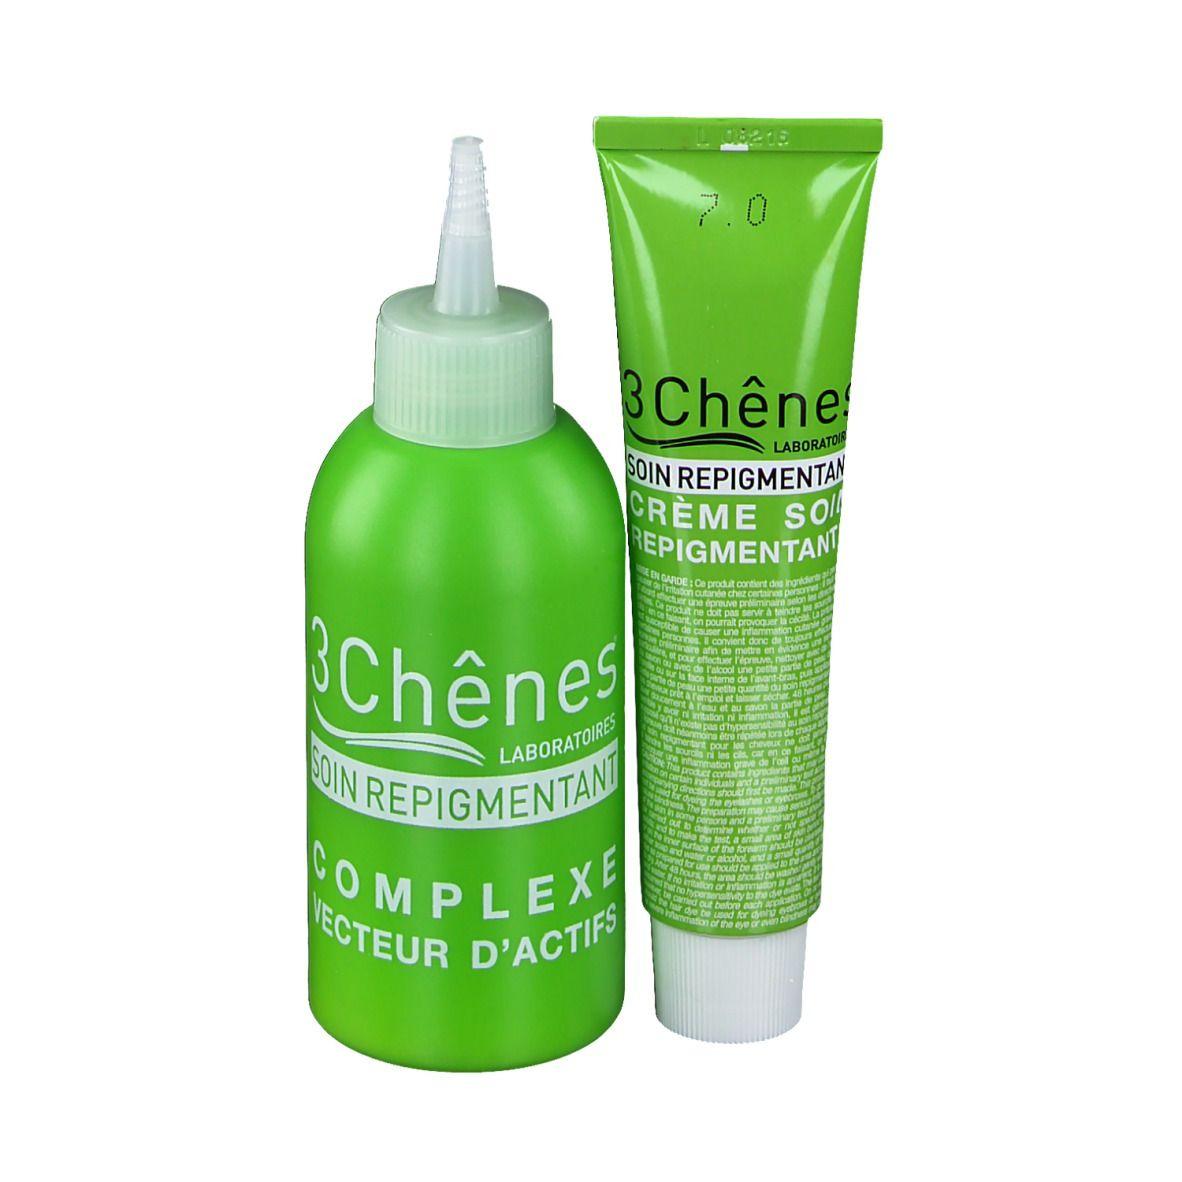 3 Chênes Les 3 Chênes® Soin répigmentant 7.0 blond ml lotion(s)